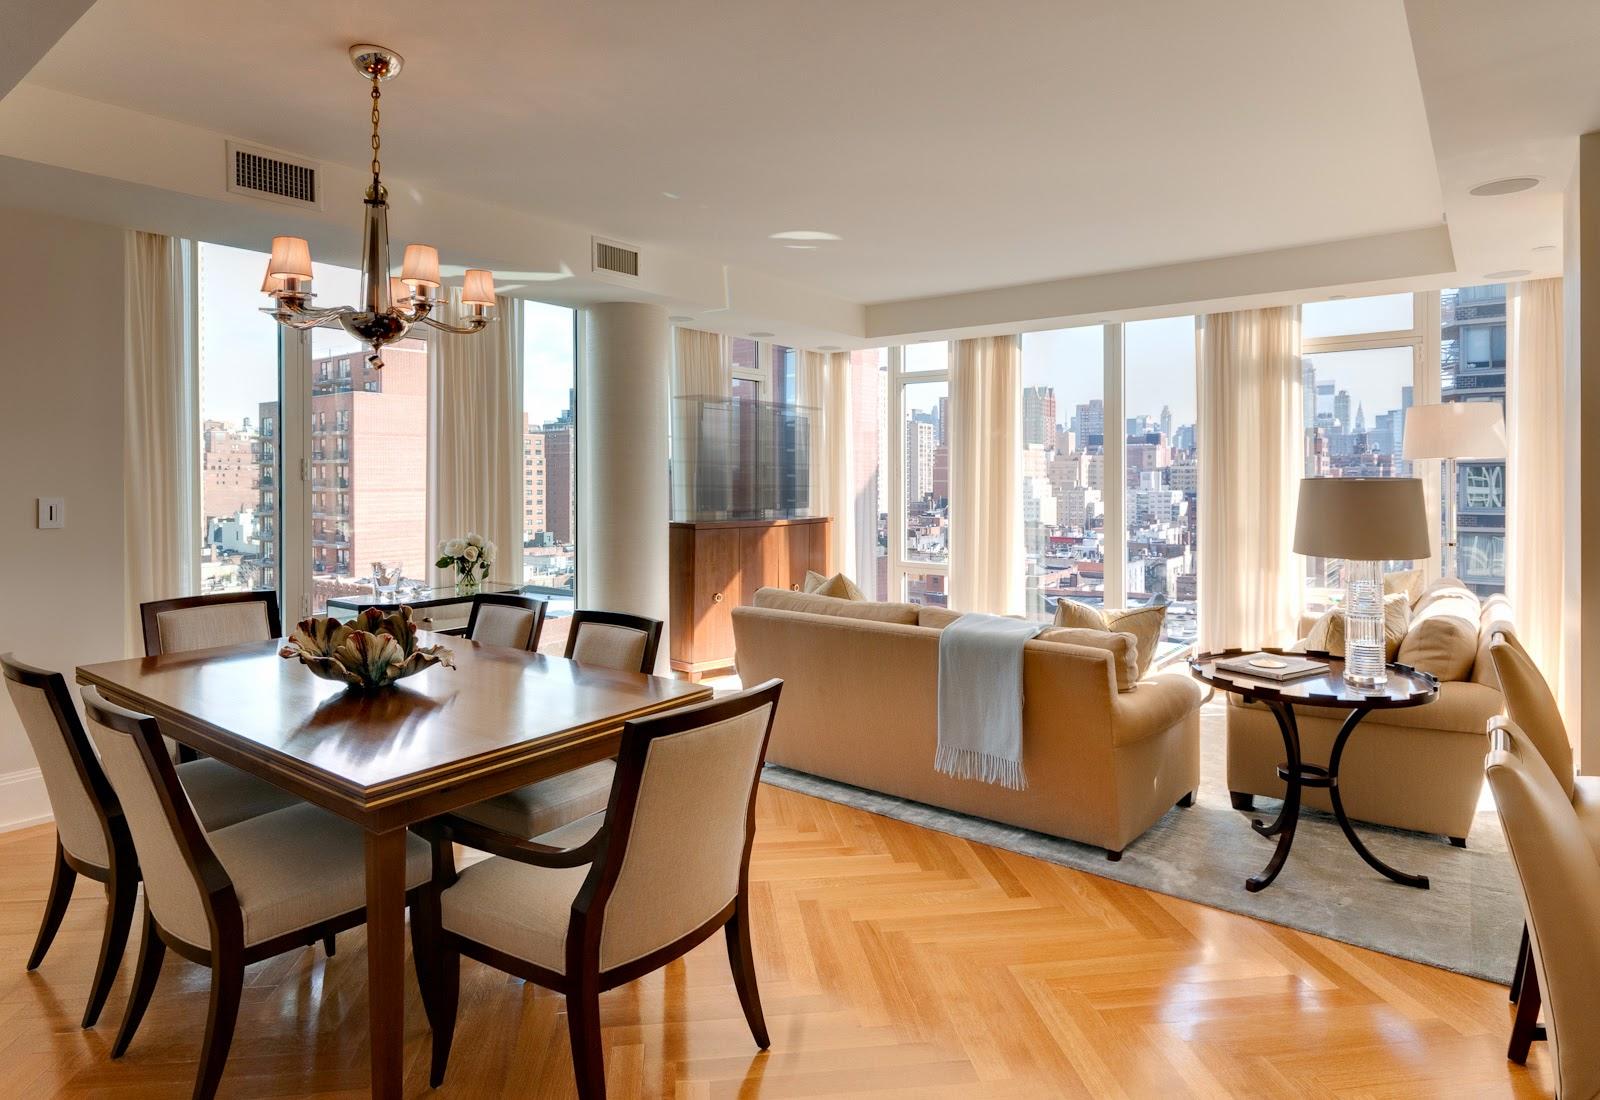 dining room interior design ideas photo - 1